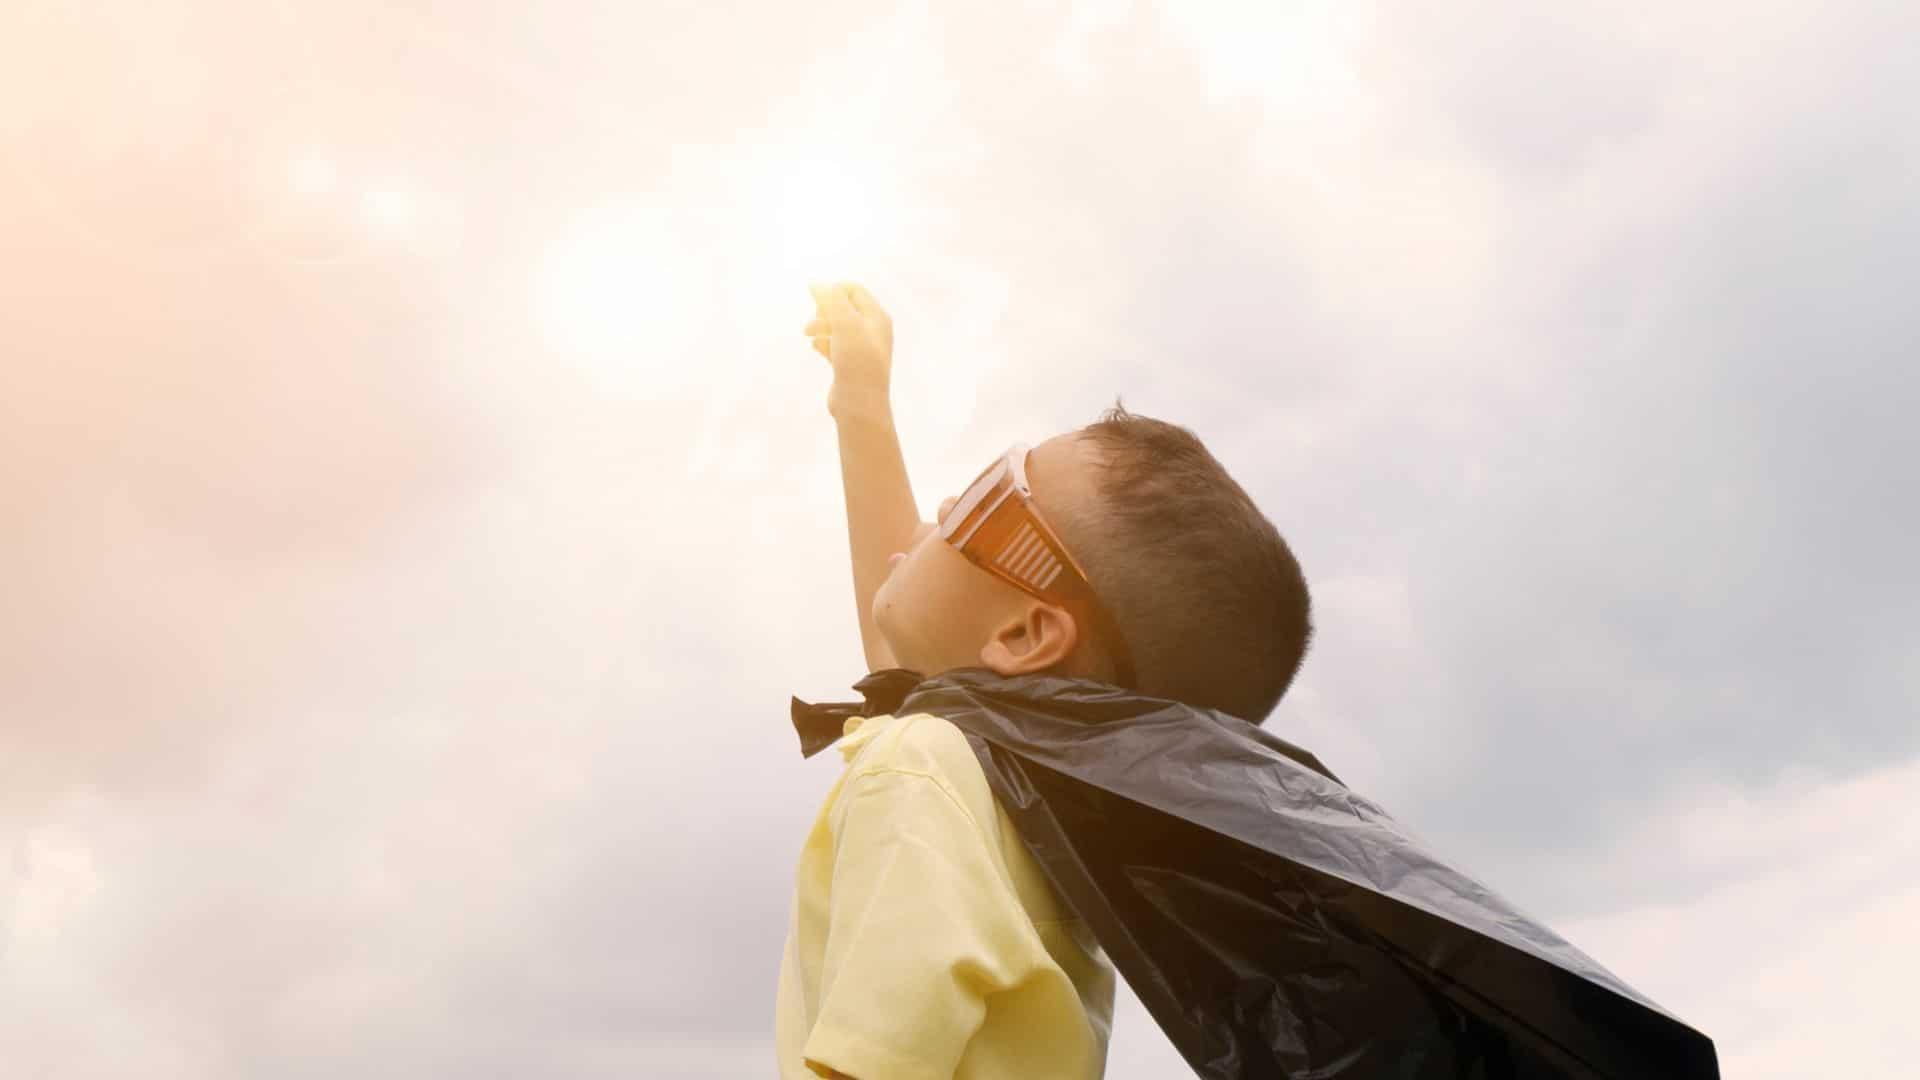 A kid wearing a cape like a superhero.